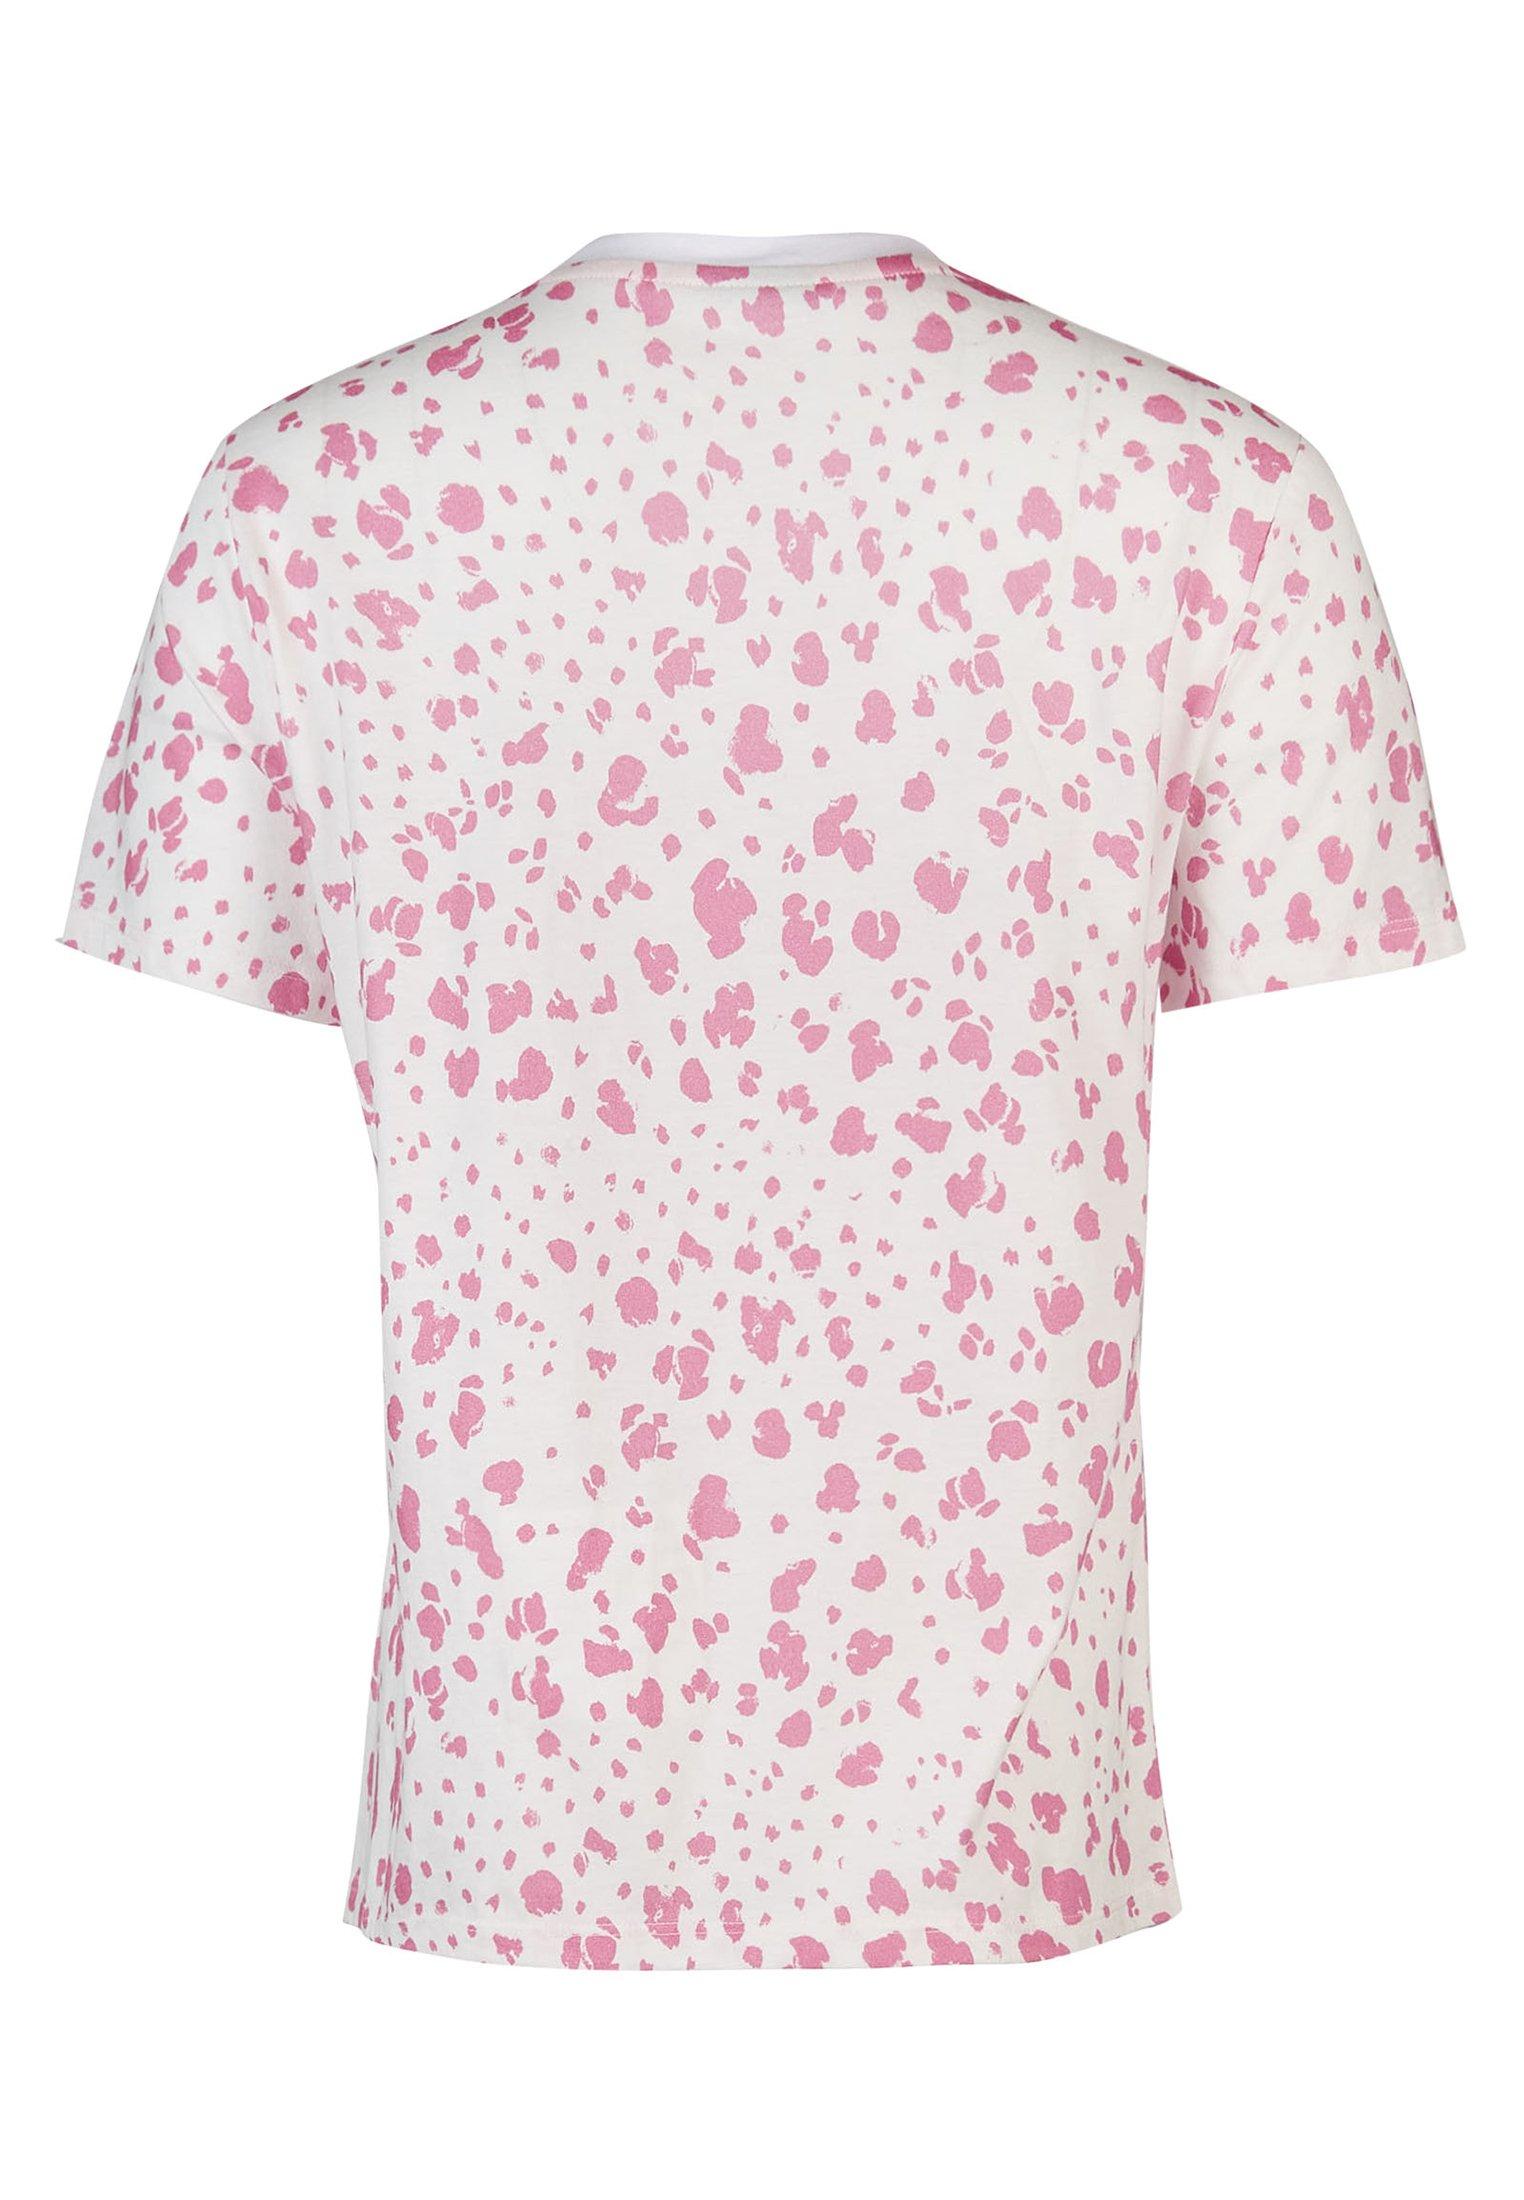 Oliver Bonas Camiseta estampada - pink eULqd